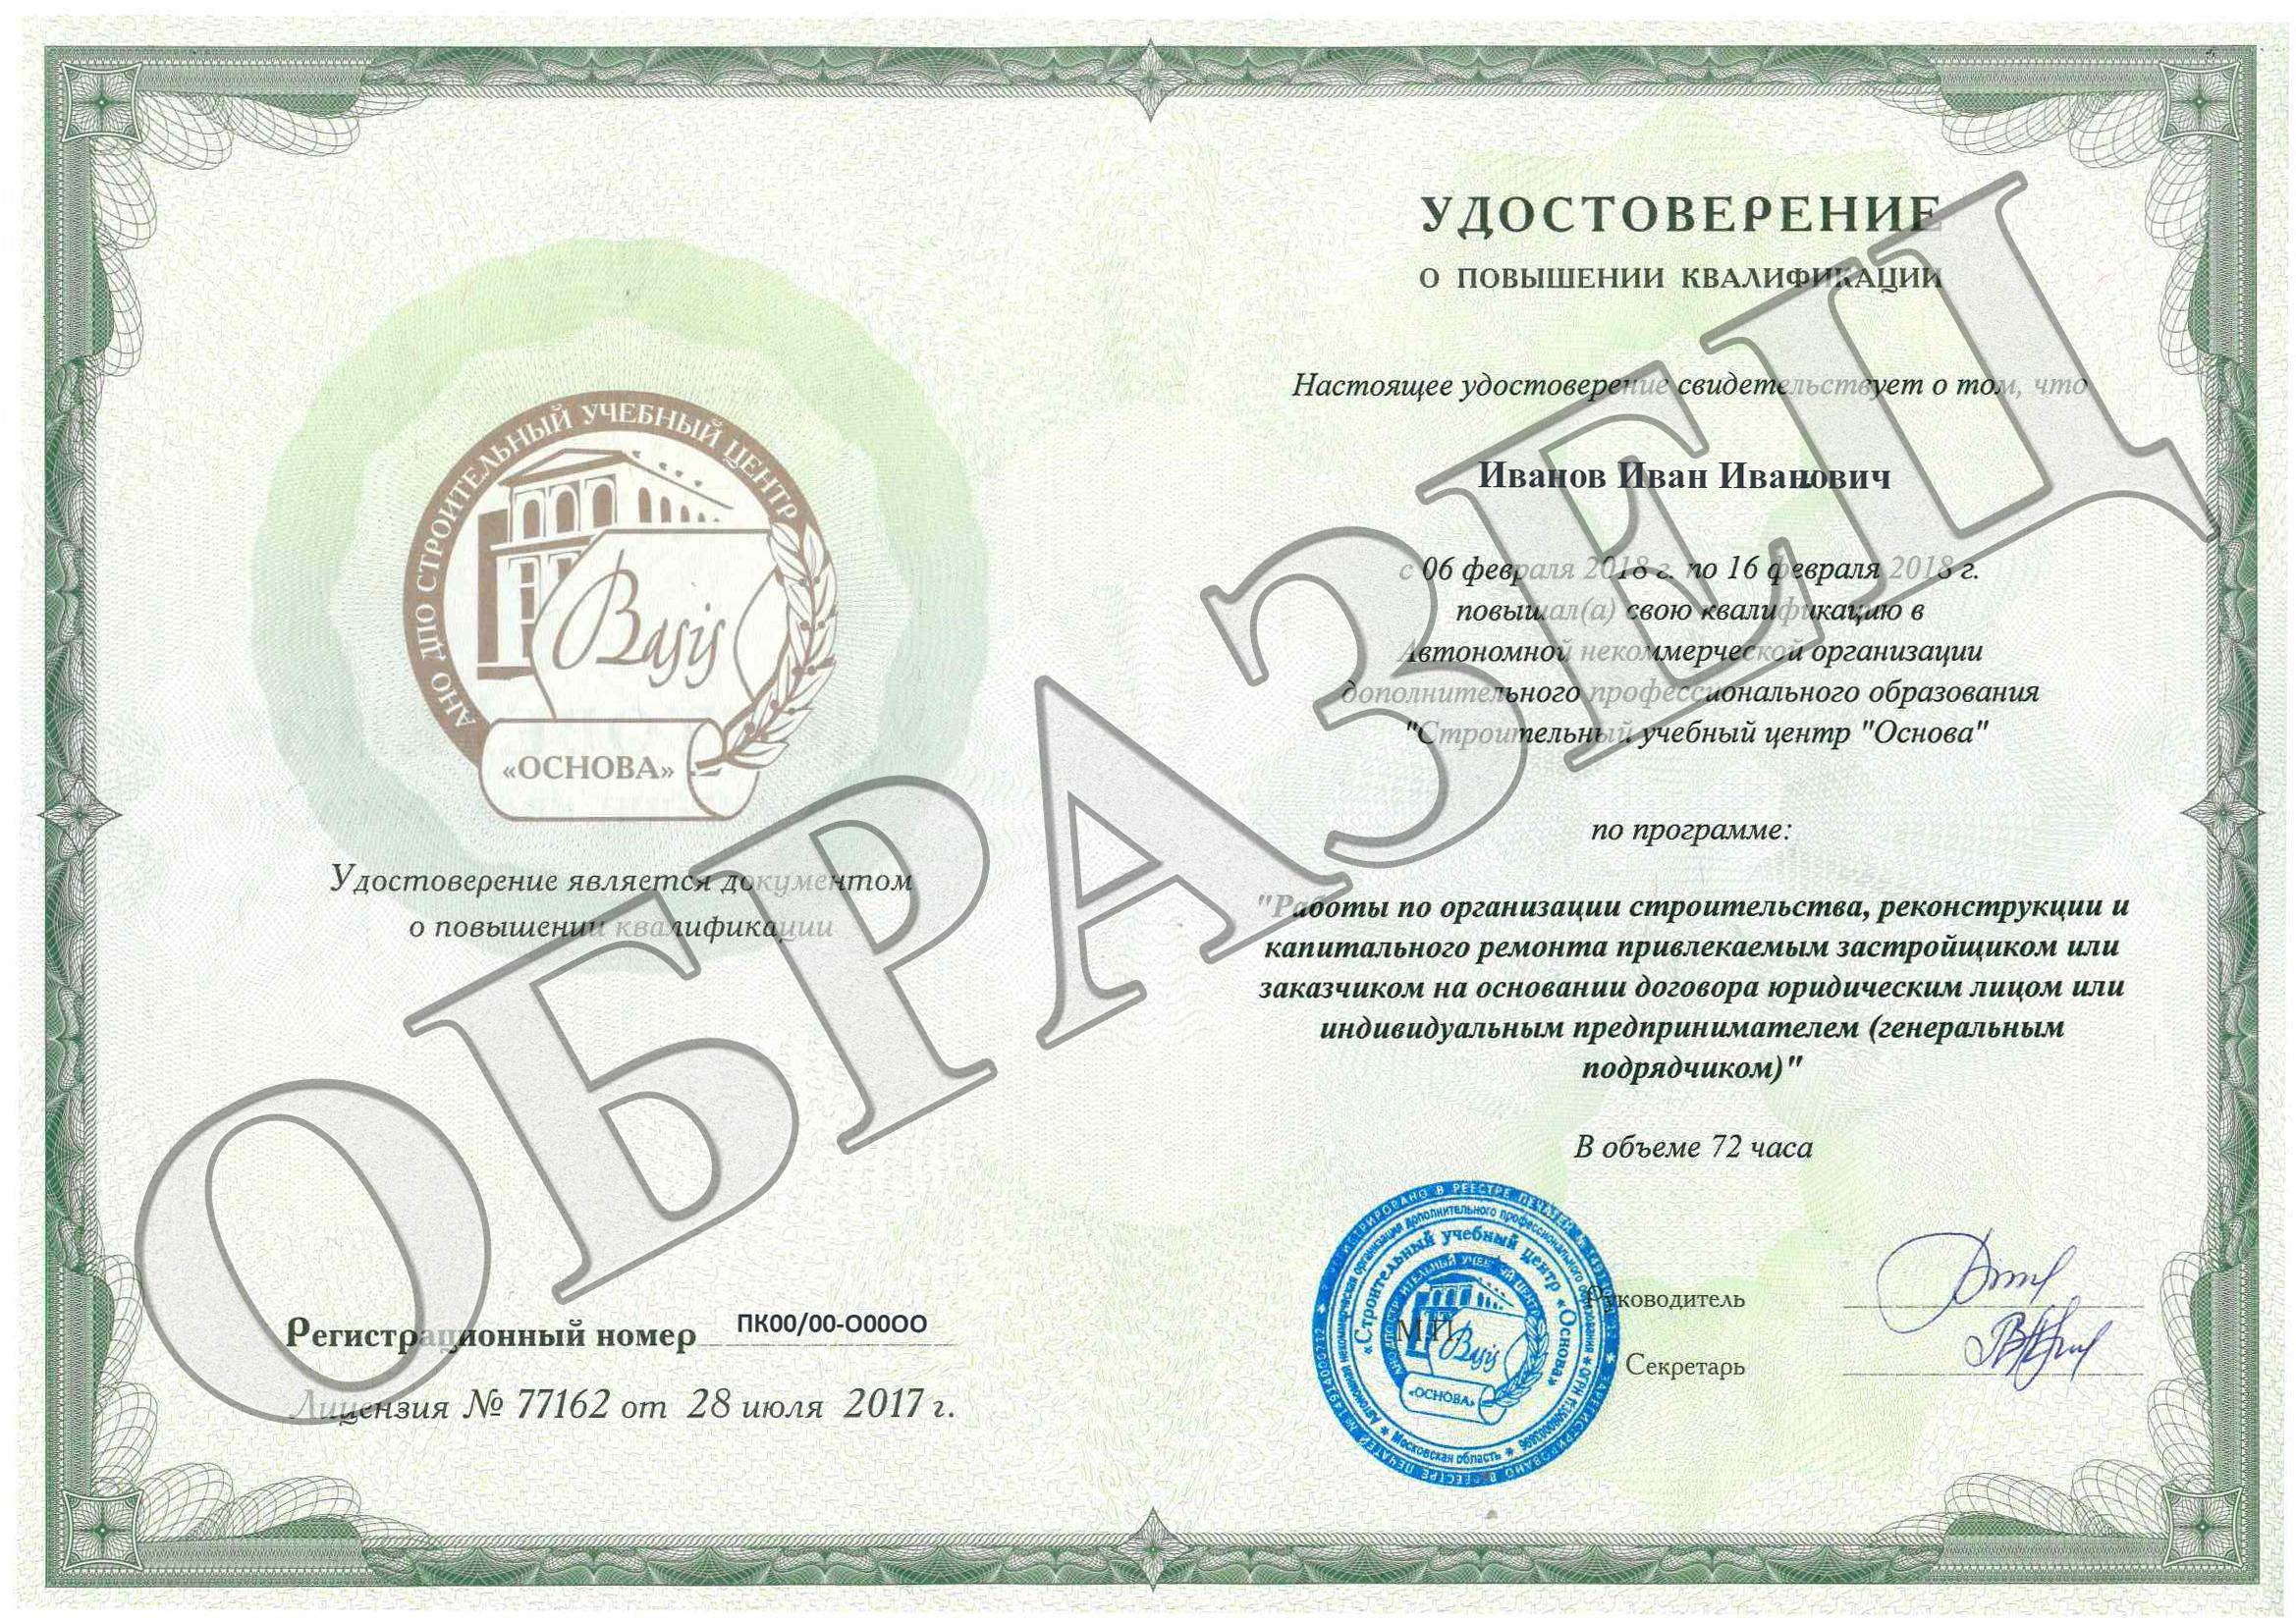 Сертификация продукции медтехники публикации для педагогов с получением сертификата сразу